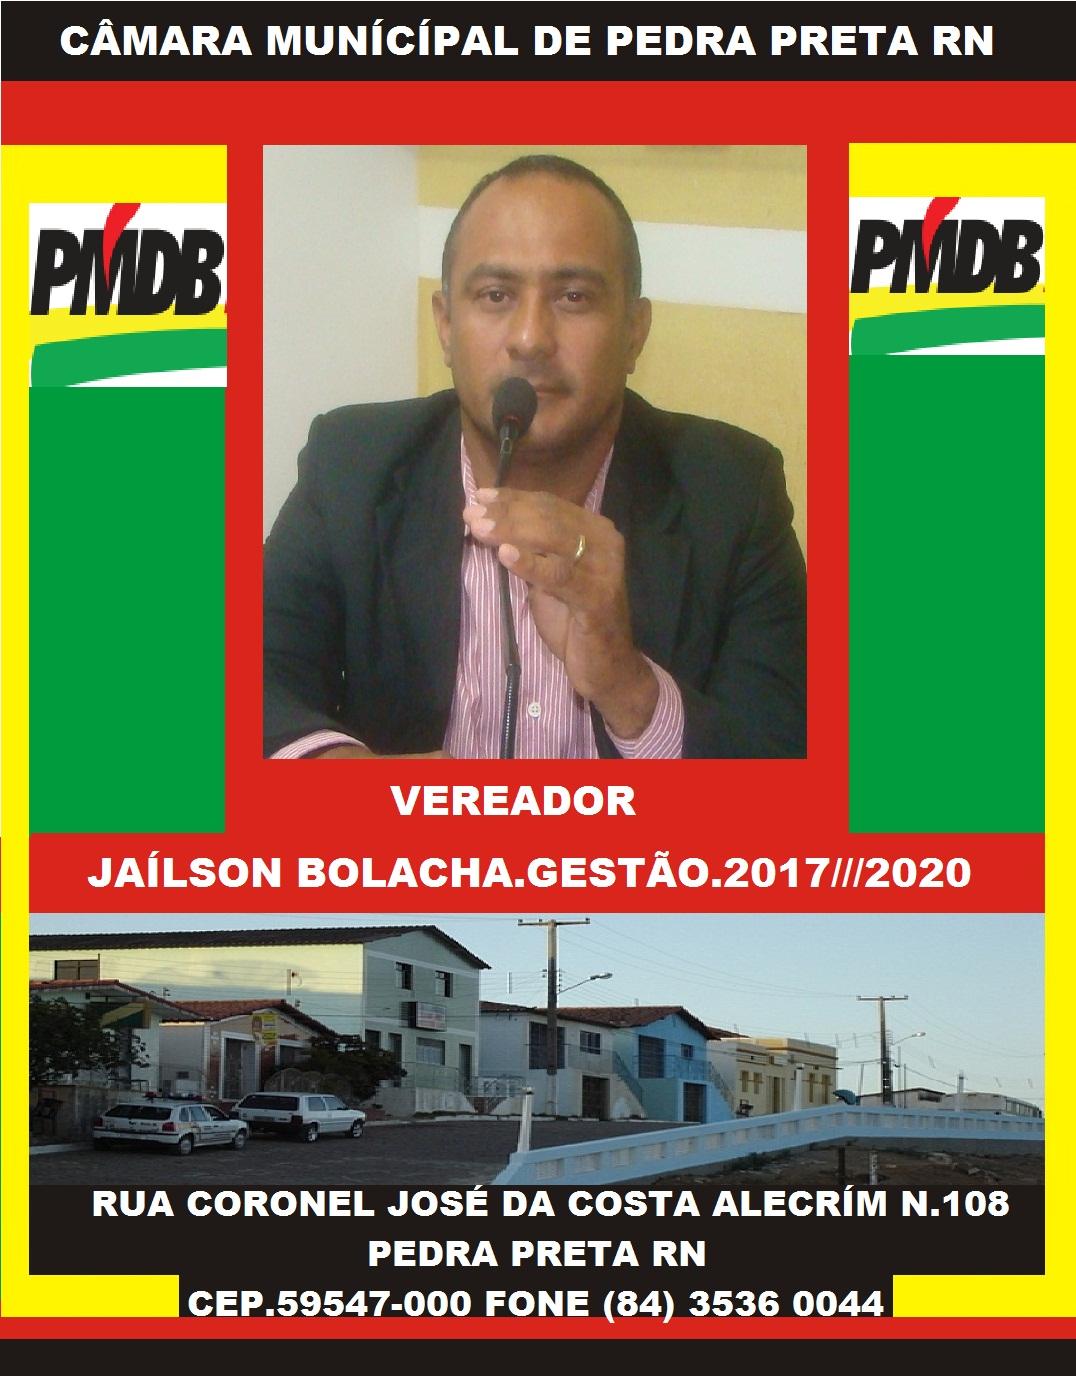 VEREADOR JAILSON BOLACHA PEDRA PRETA RN